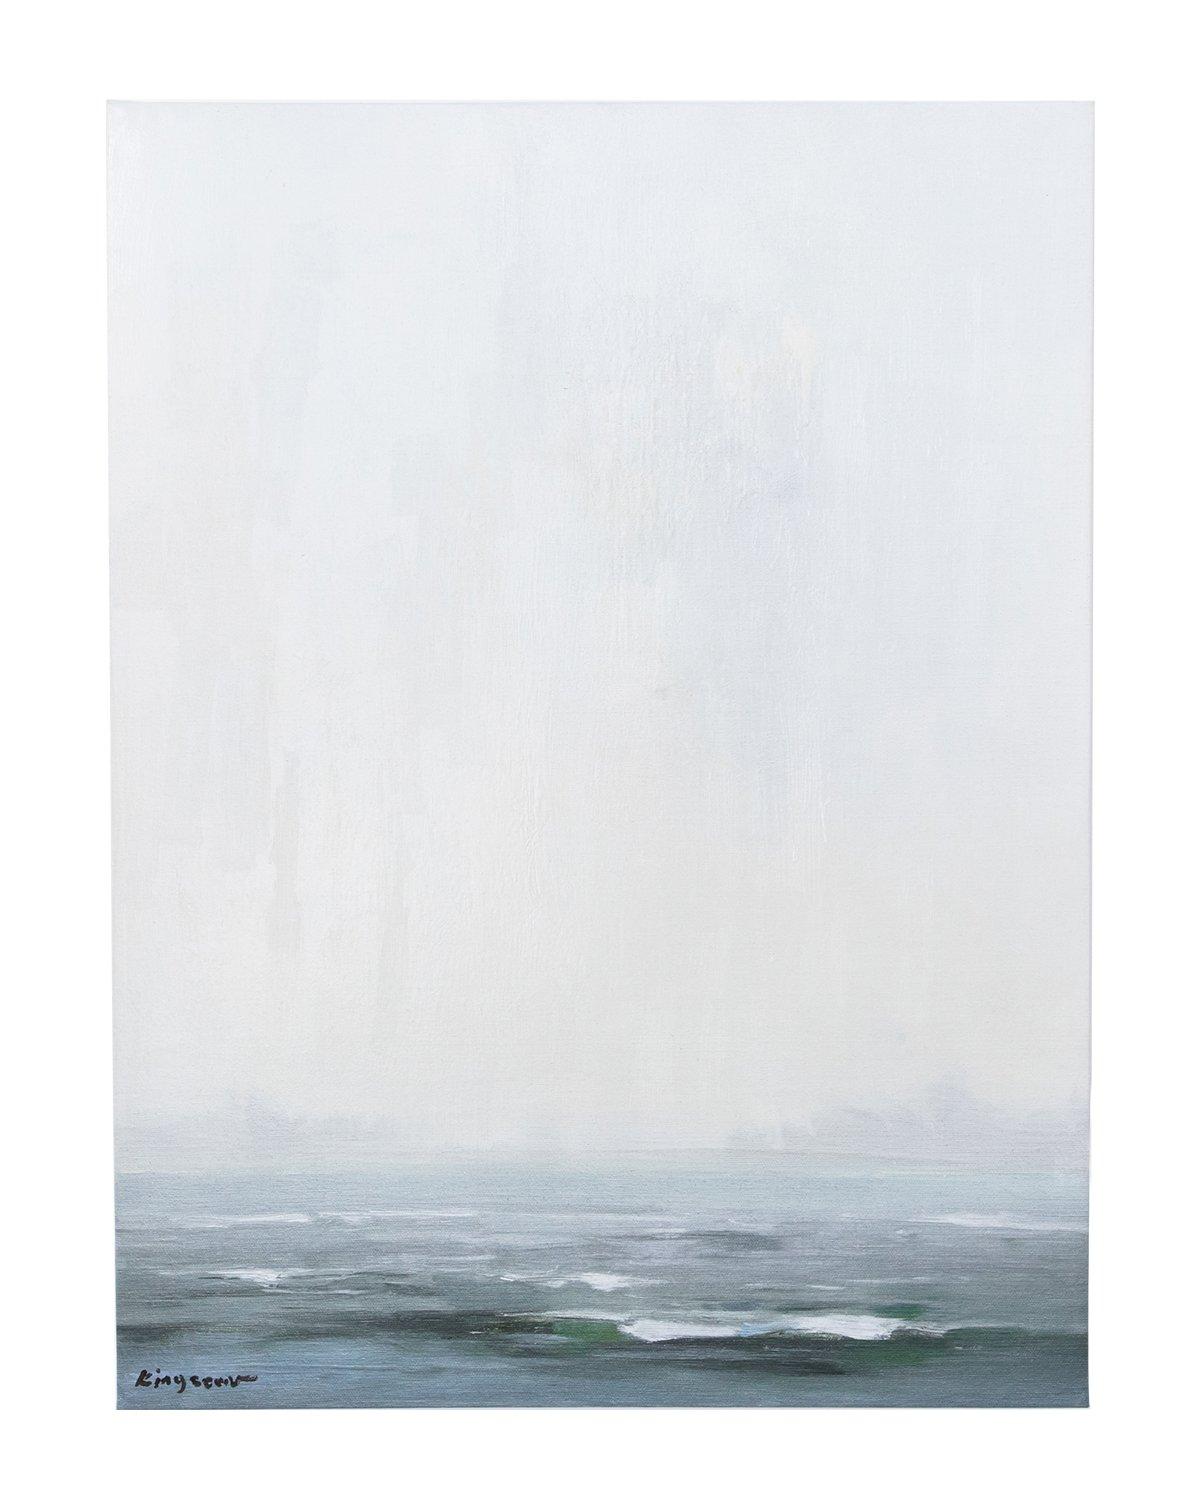 Coastline01.jpg